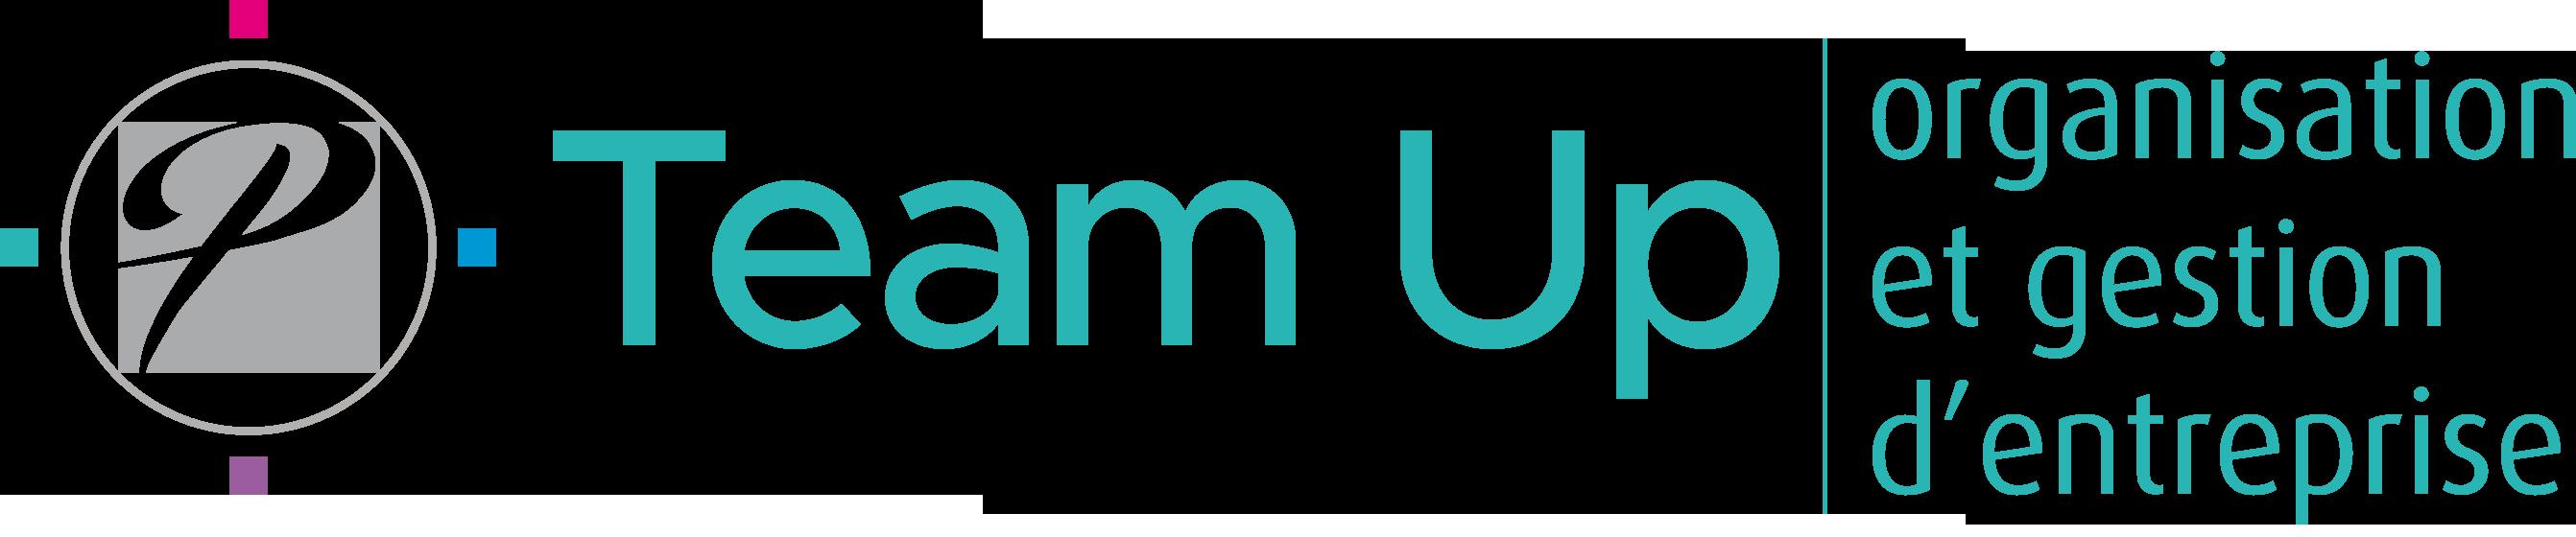 logo team up organisation et gestion d'entreprise